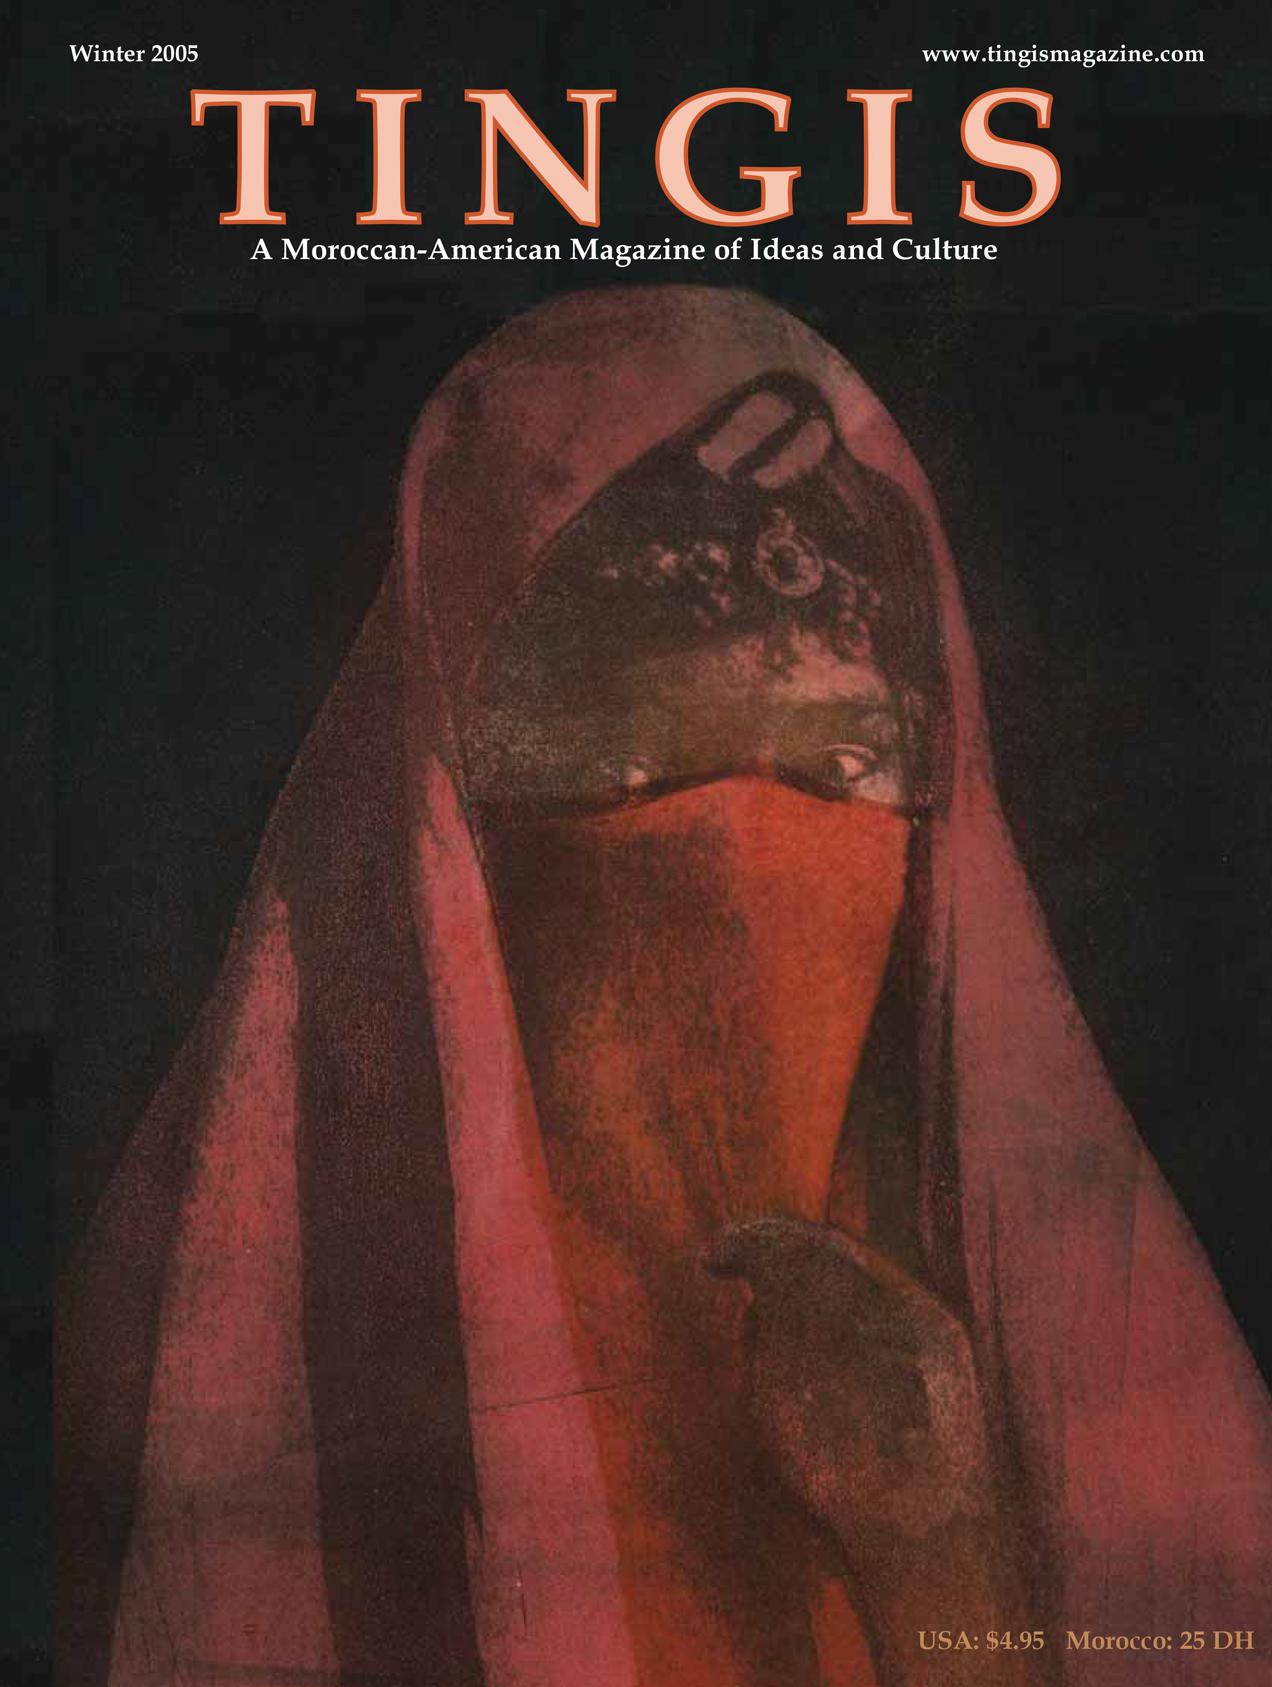 Tingis Magazine Winter 2005 Cover